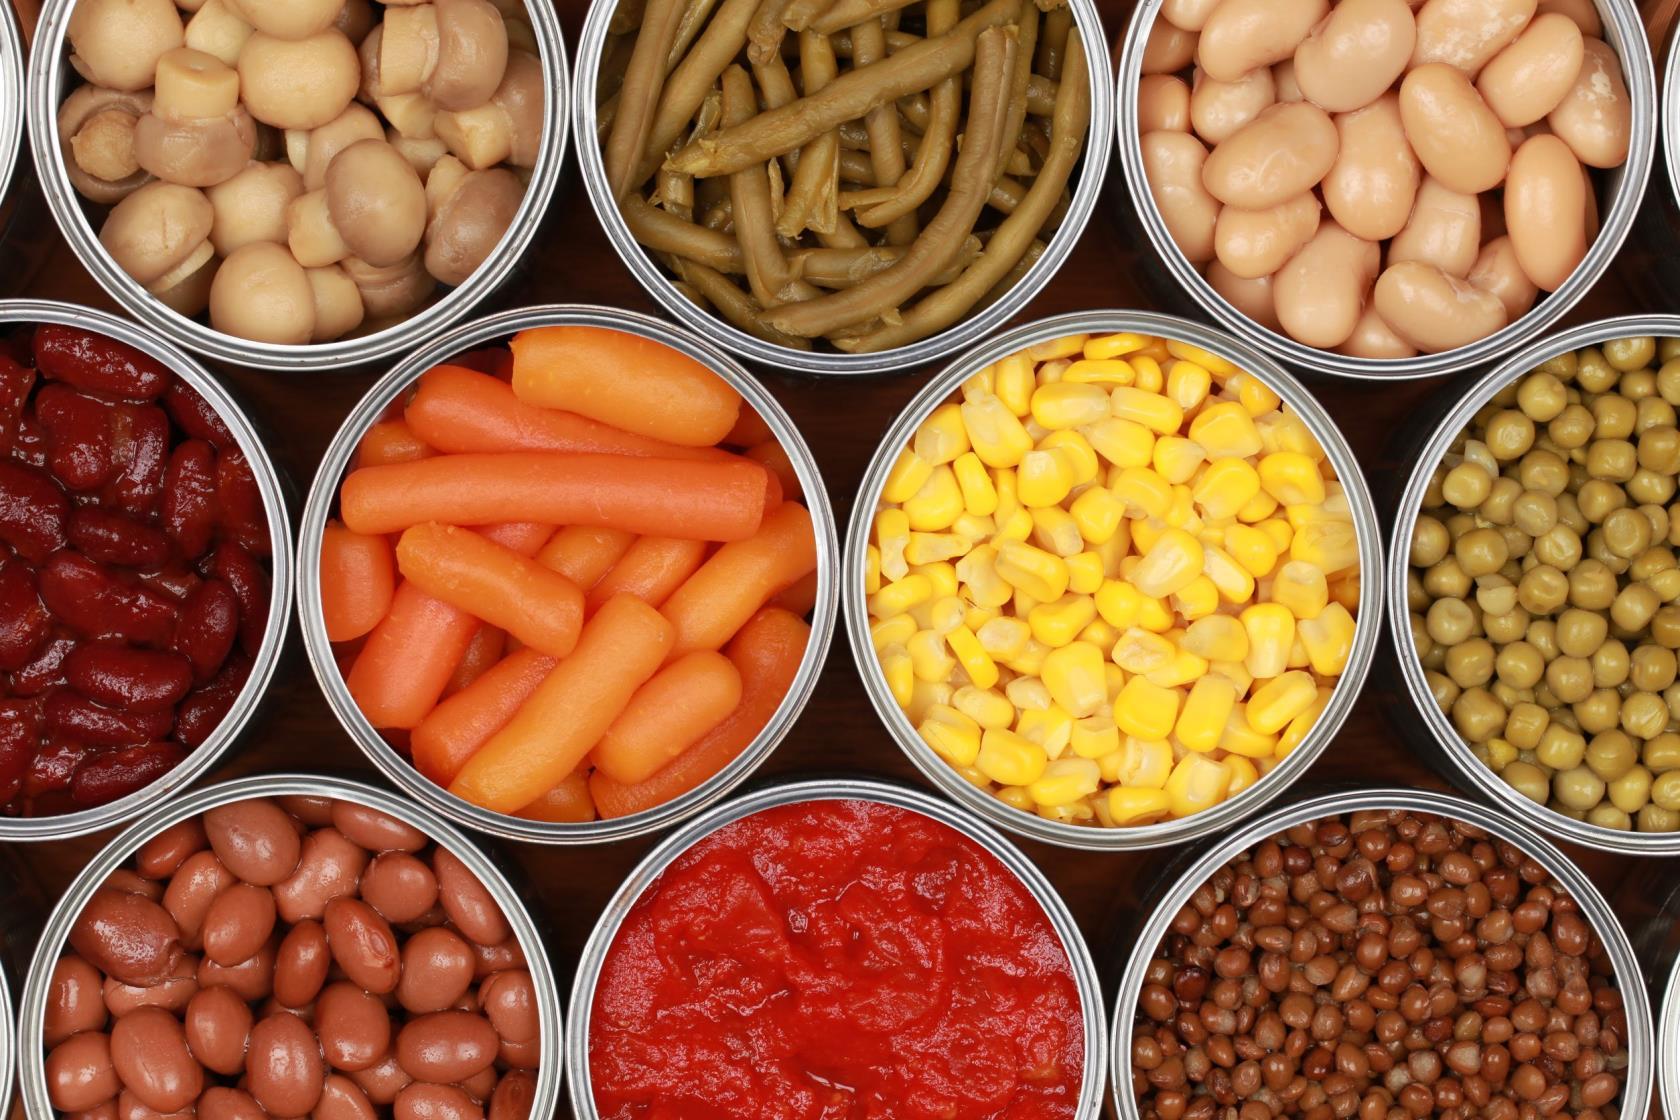 vendita Prodotti alimentari in scatola Alimenti in scatola a lunga conservazione Arma di Taggia (Imperia) Imperia Savona Costa Azzurra | BOTTI CATERING